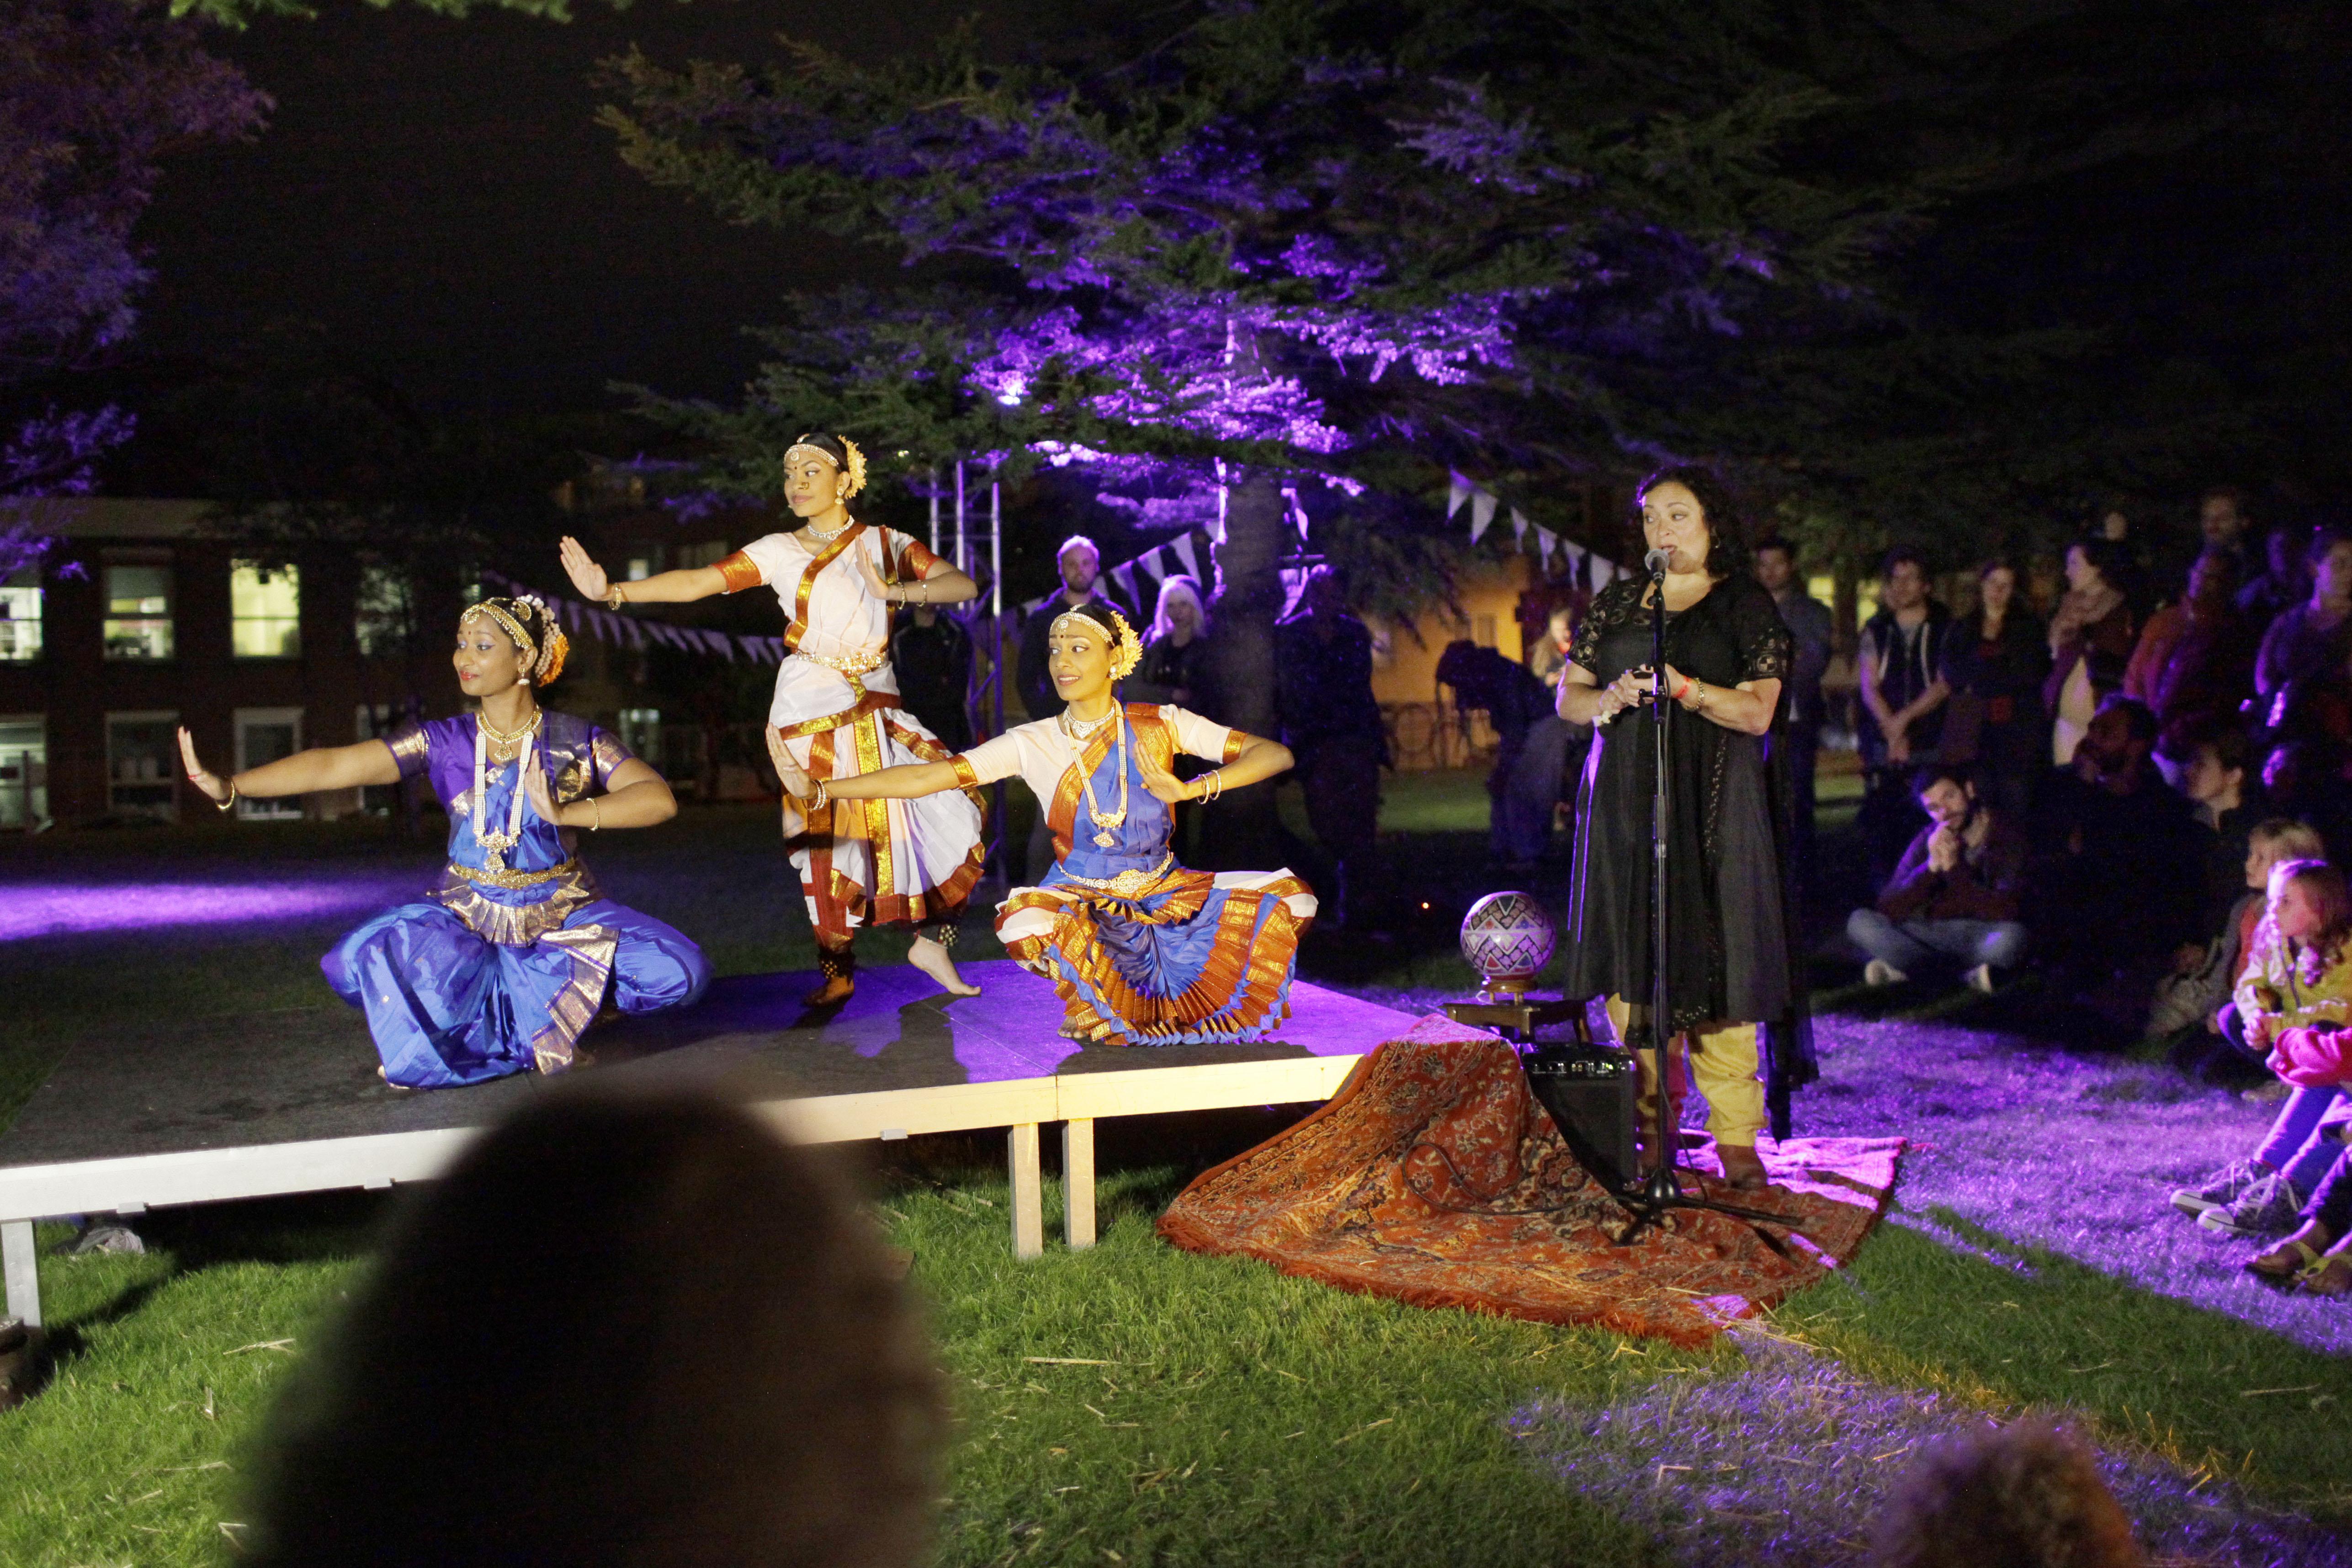 Het Circus Den Haag, Park de Veramdeming werd omgetoverd tot heus circus terrein met diverse optredens, veel kinderen en fantastische sfeer